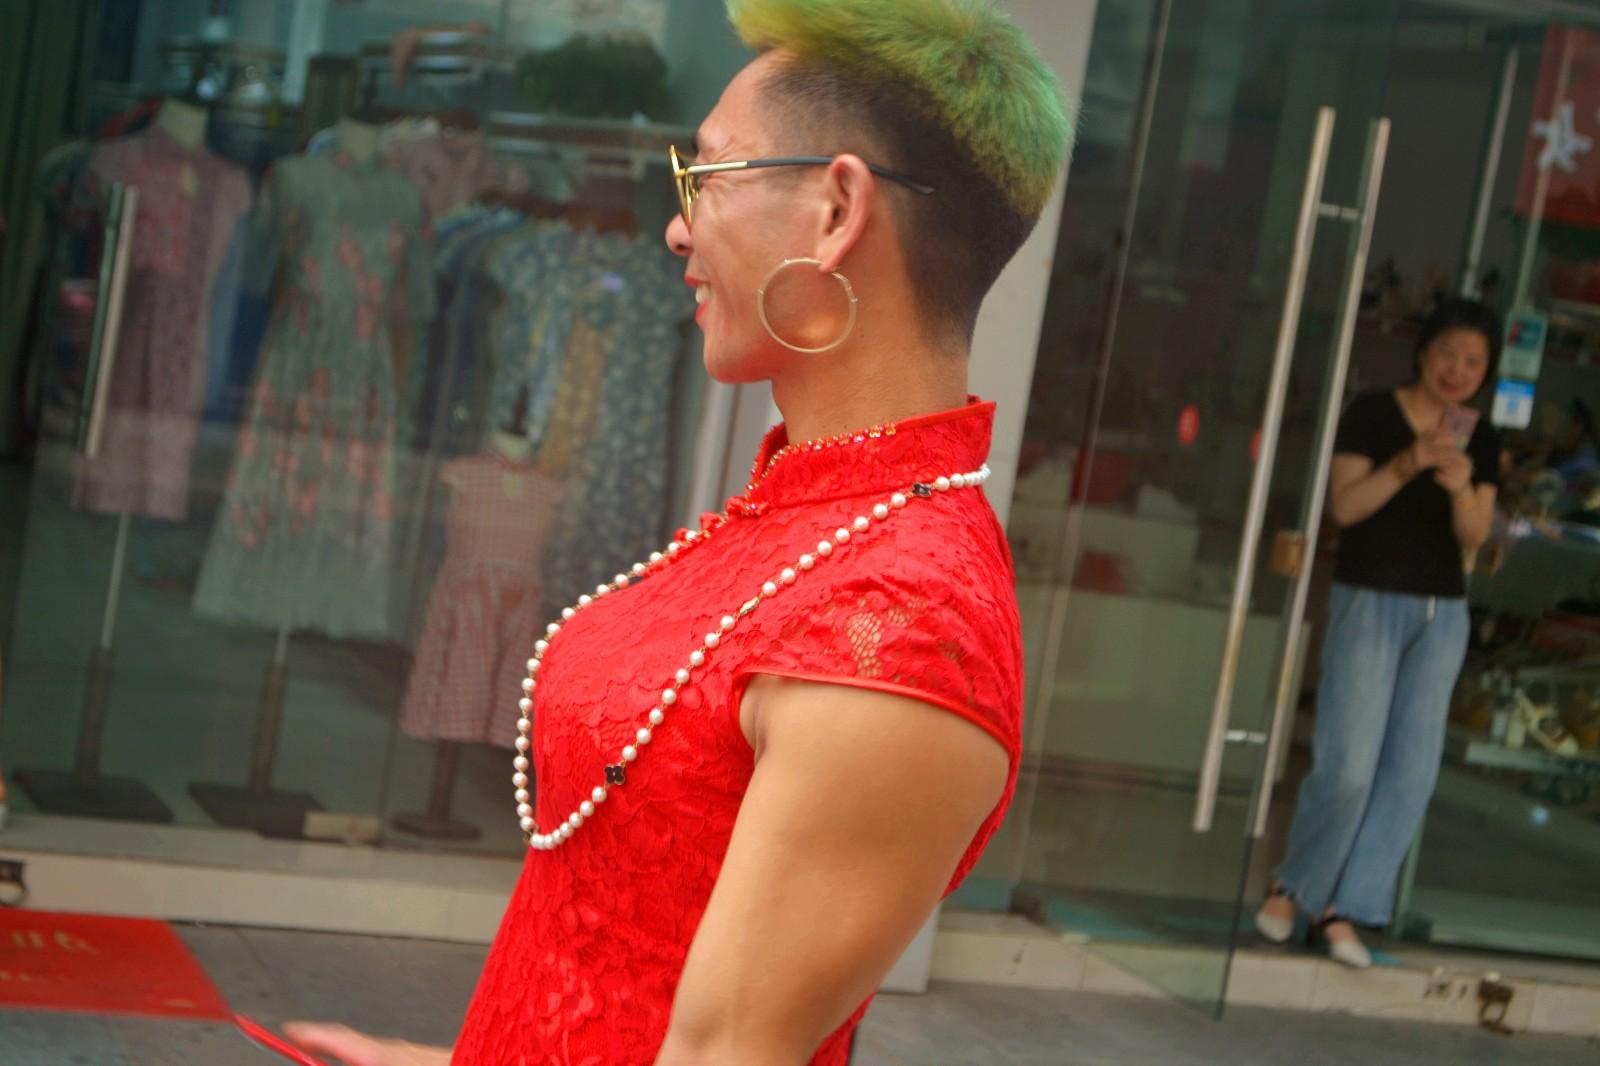 以前穿文胸勒都不觉得,现在穿文胸勒觉得好难受,怎么回事啊?